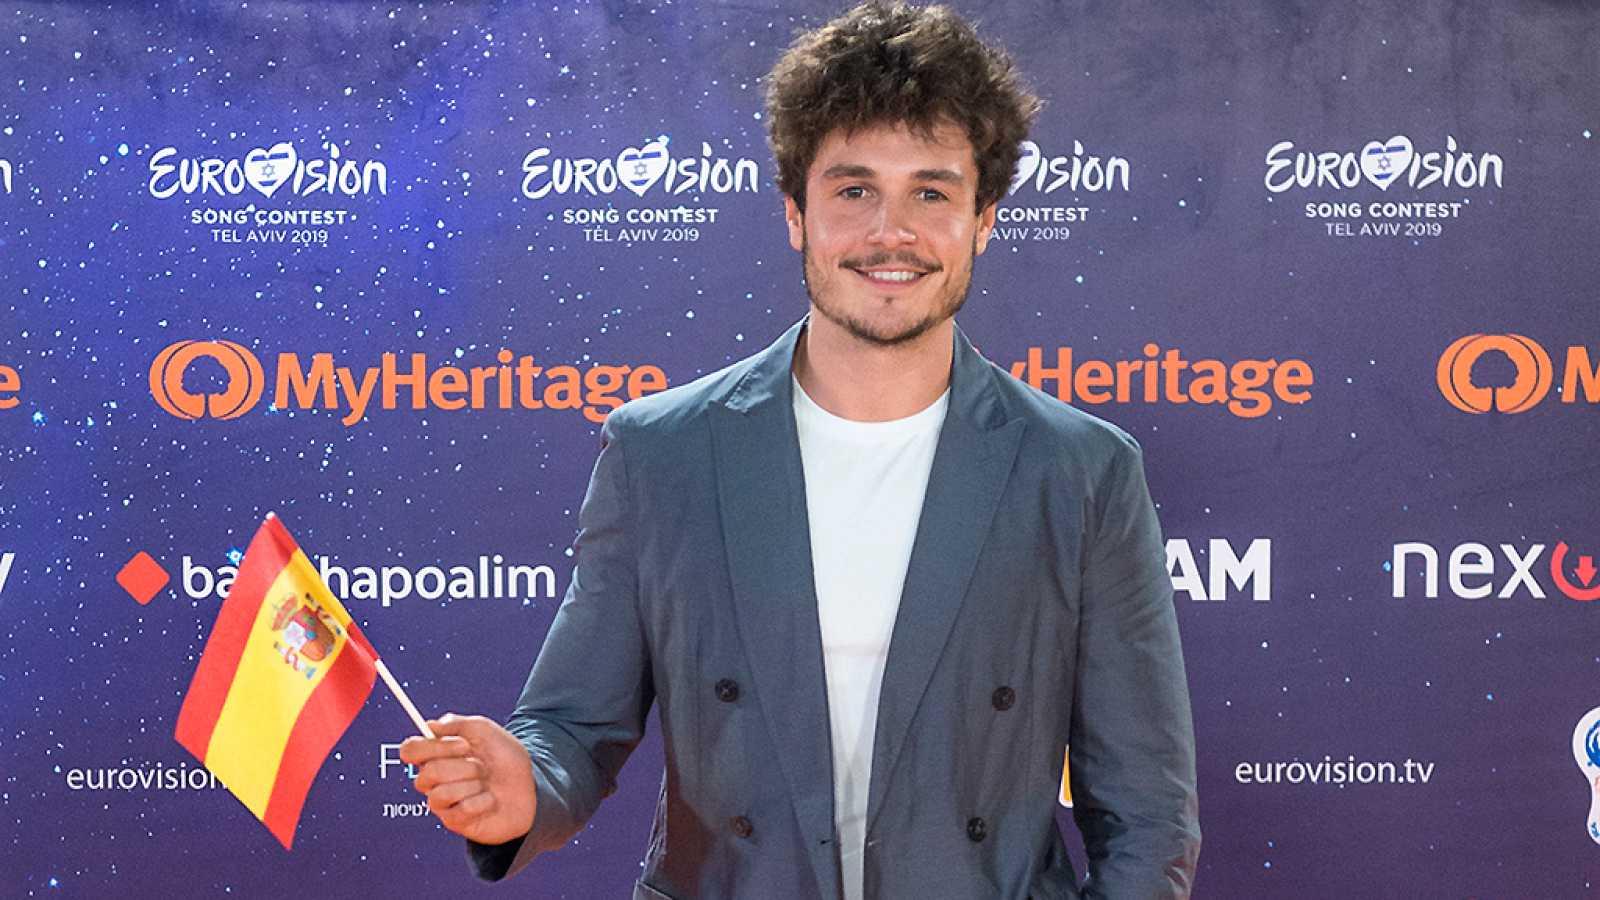 """Universo eurovisión - Miki: """"La frescura de """"La venda"""" no la tiene ninguna canción, juega a nuestro favor"""" - Escuchar ahora"""